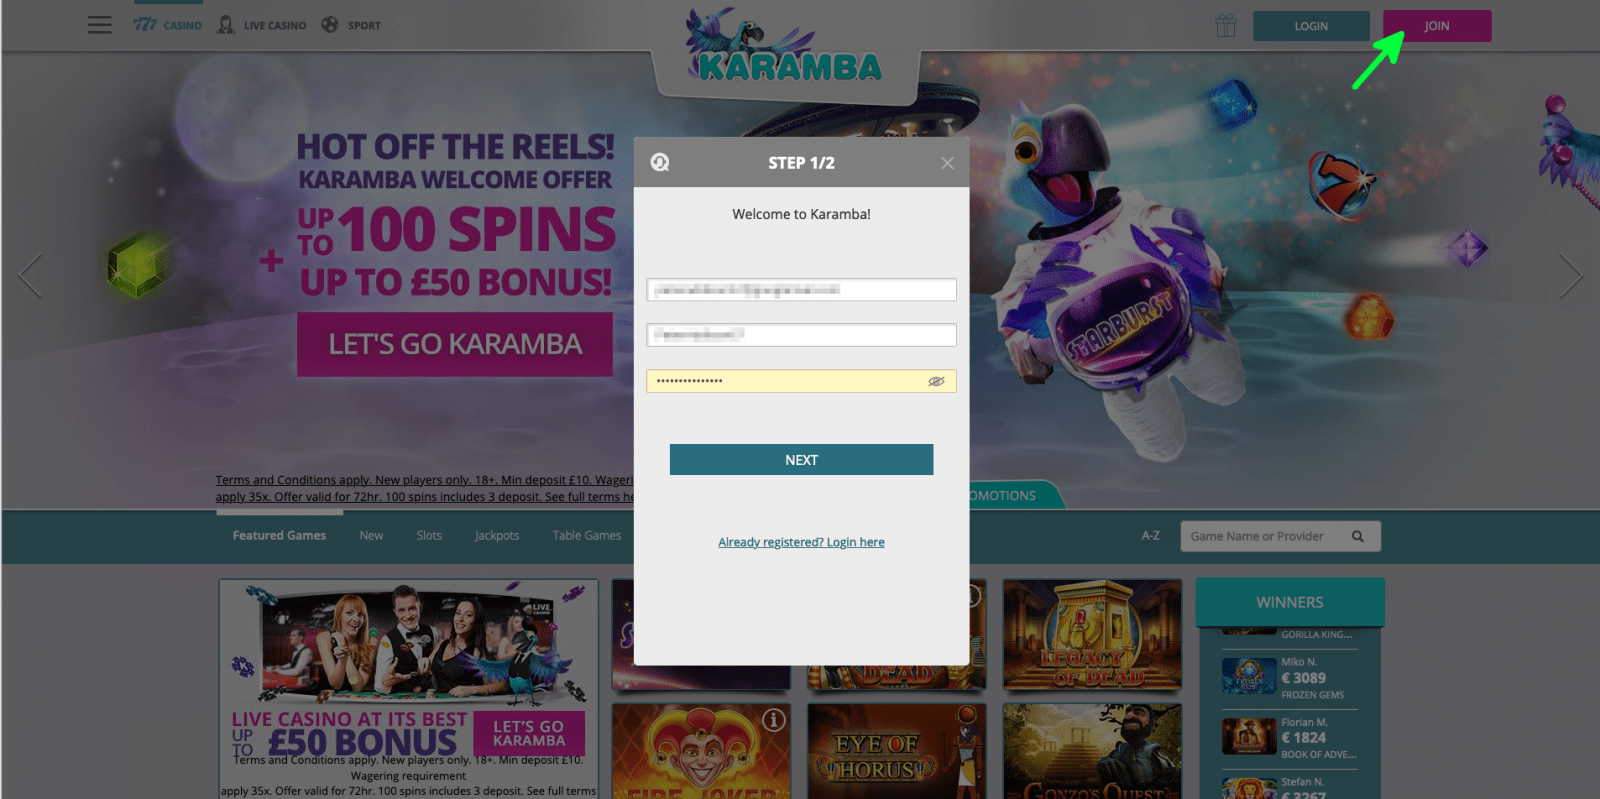 Karamba promo code 1